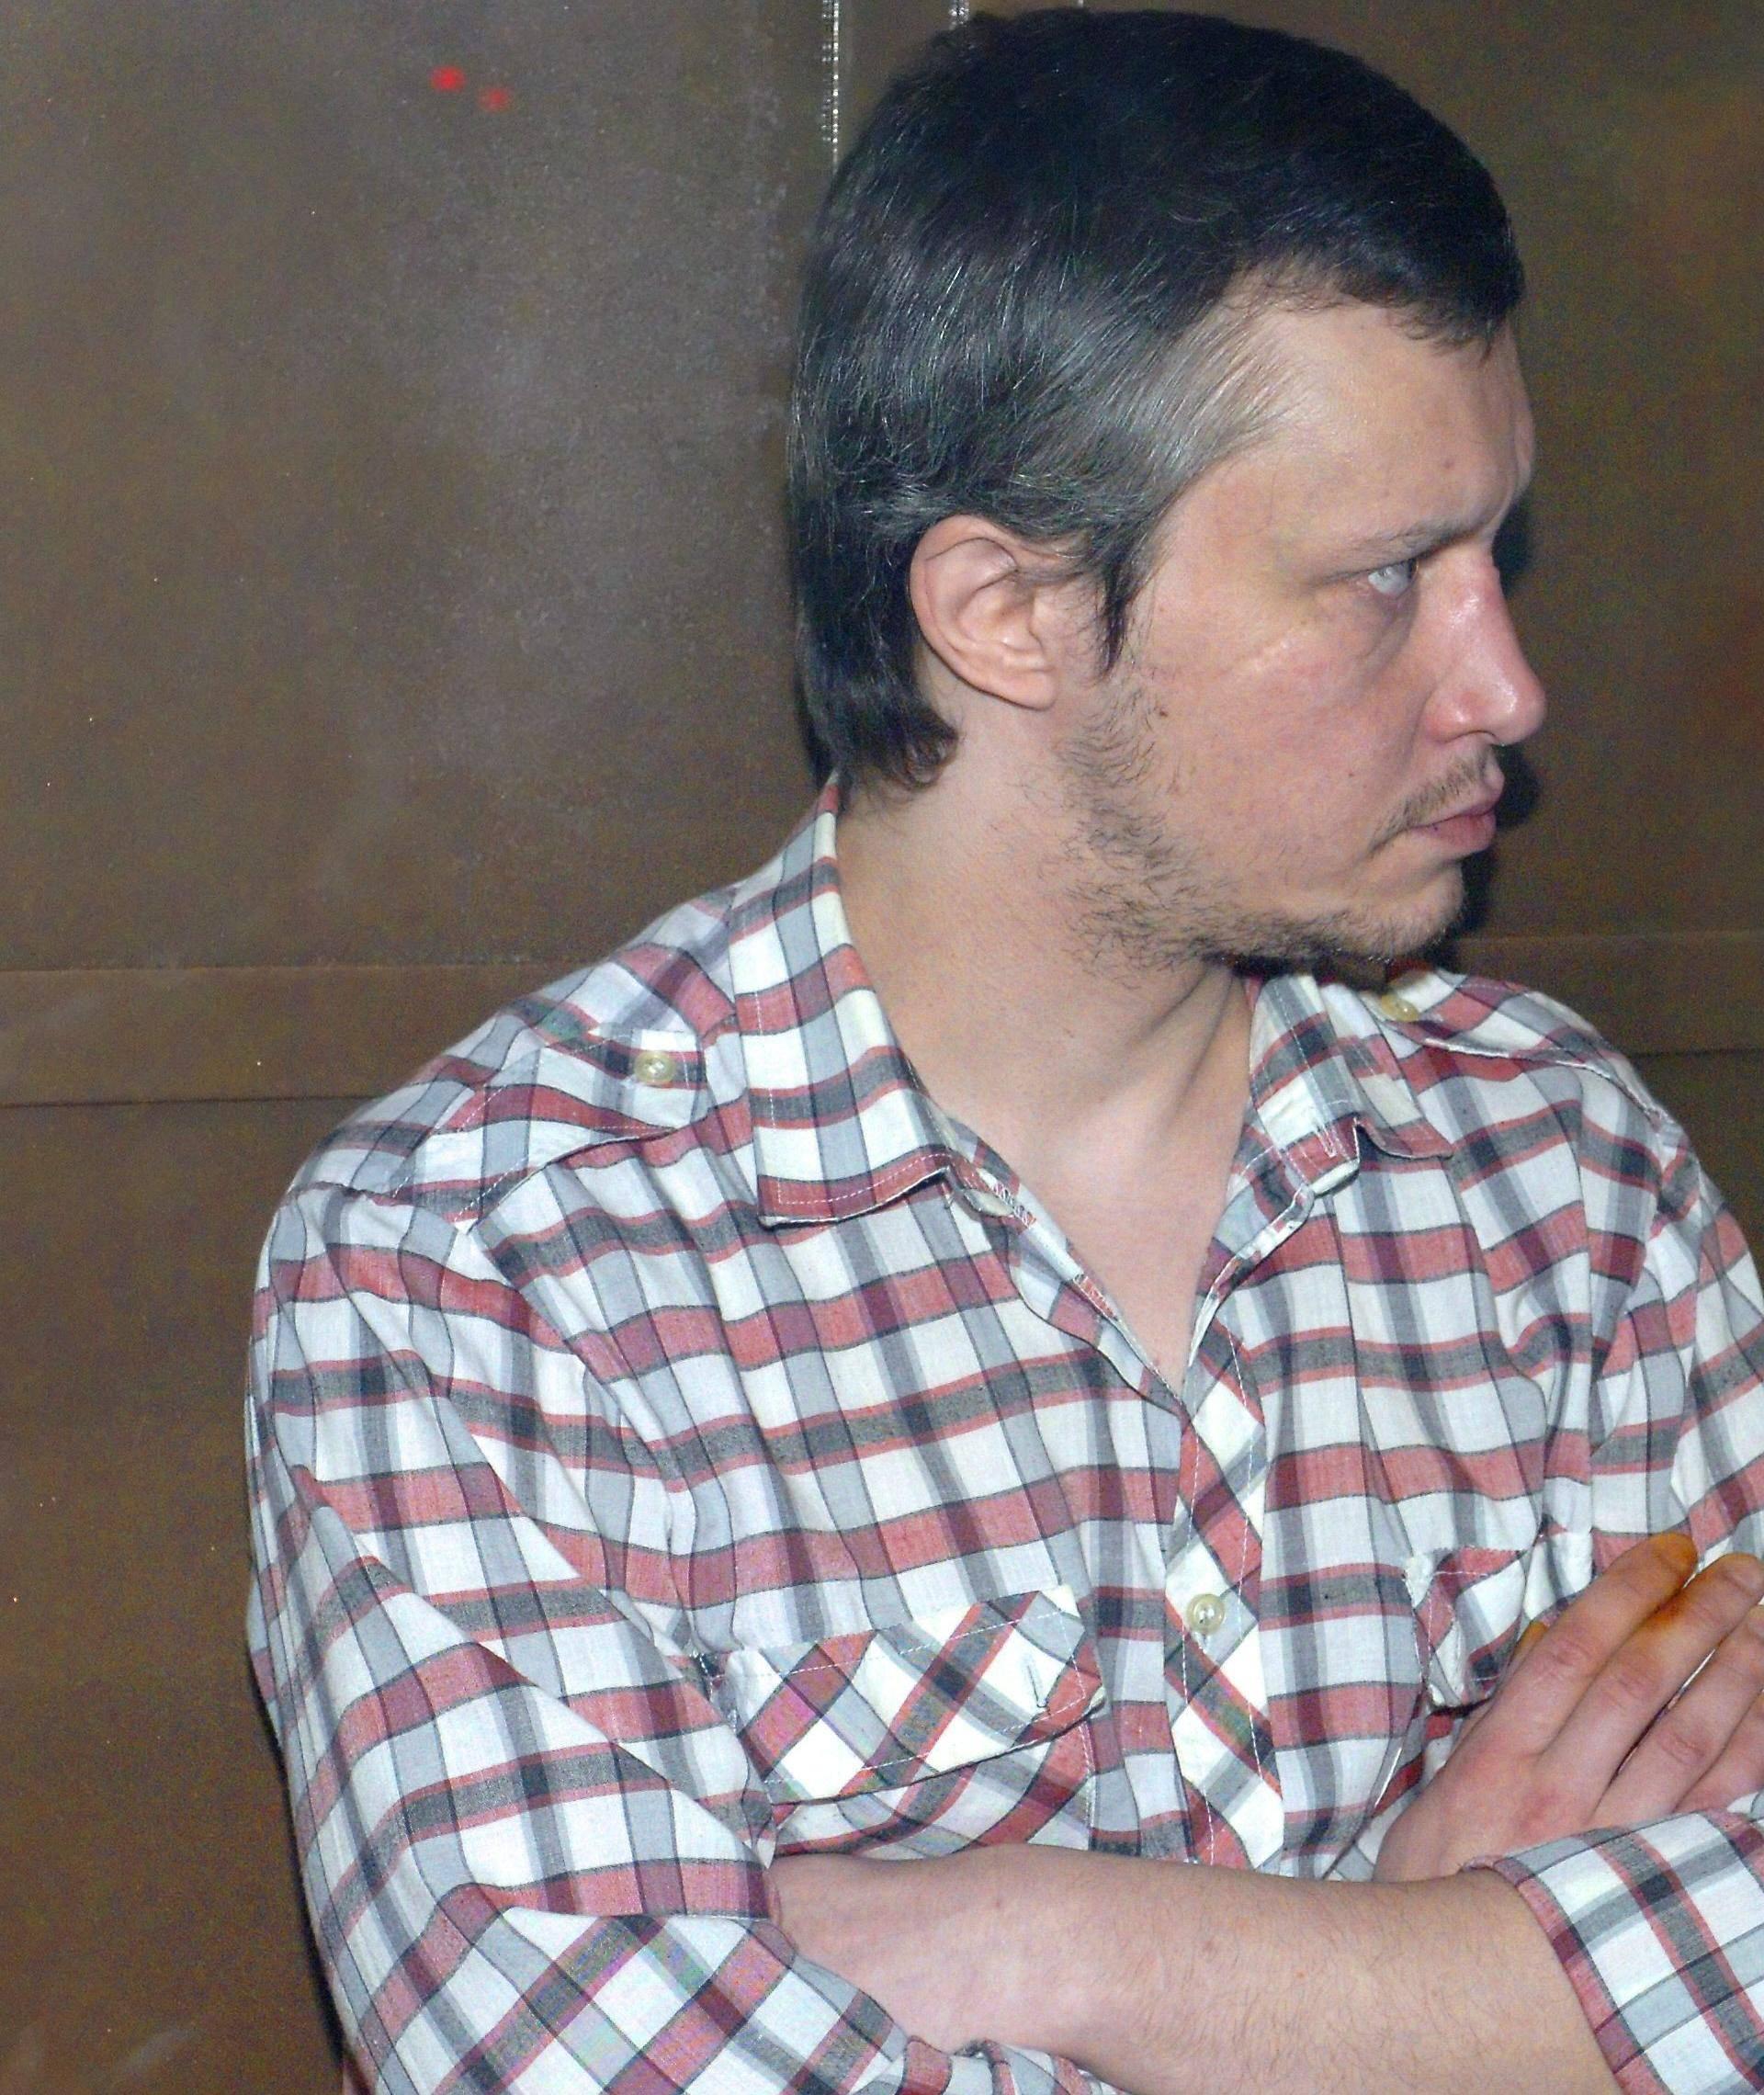 Russian serial killer faces trial